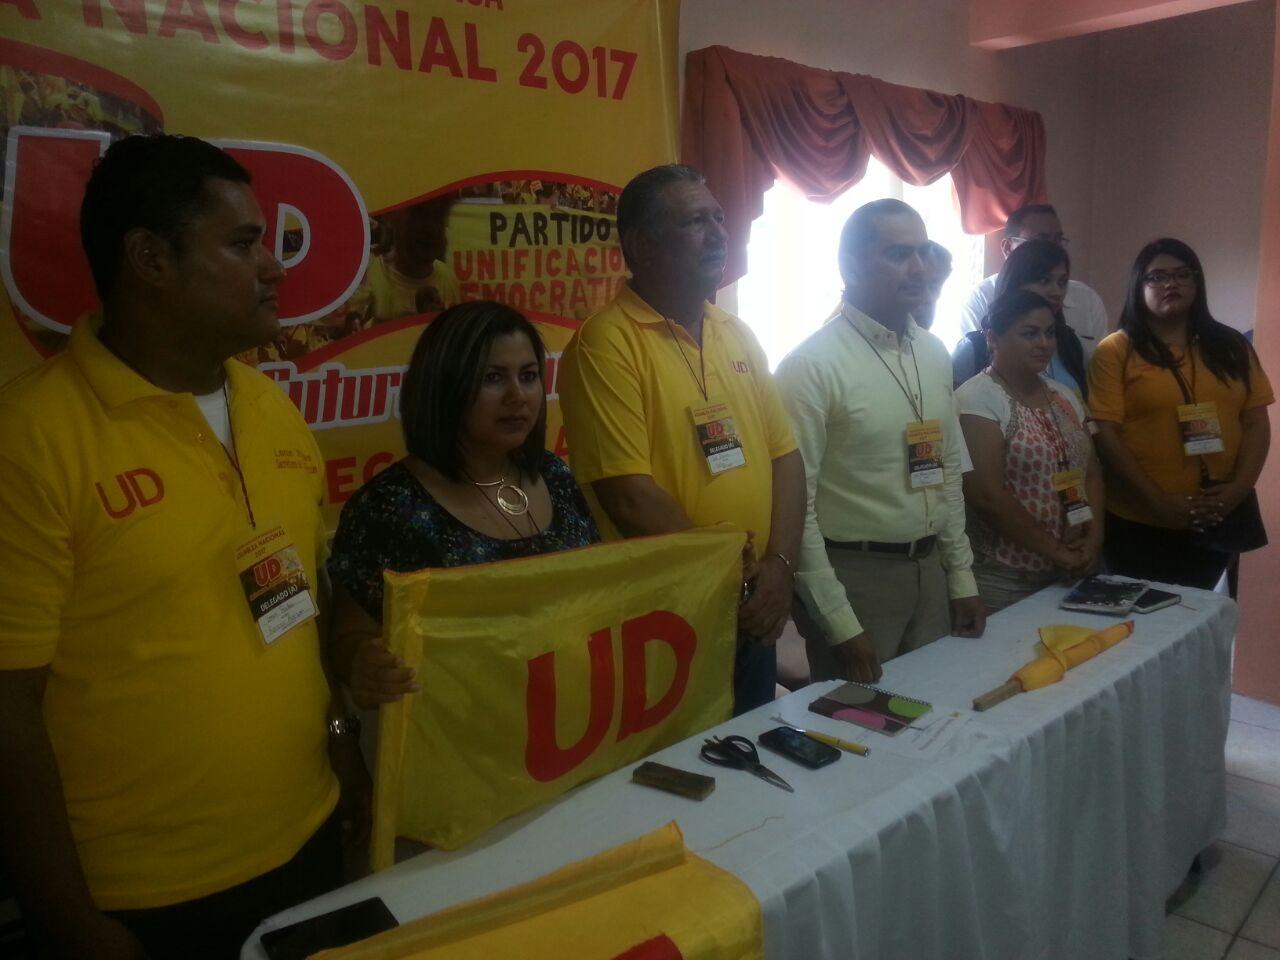 UD asegura que con alianzas no solo van a participar, sino que competirán